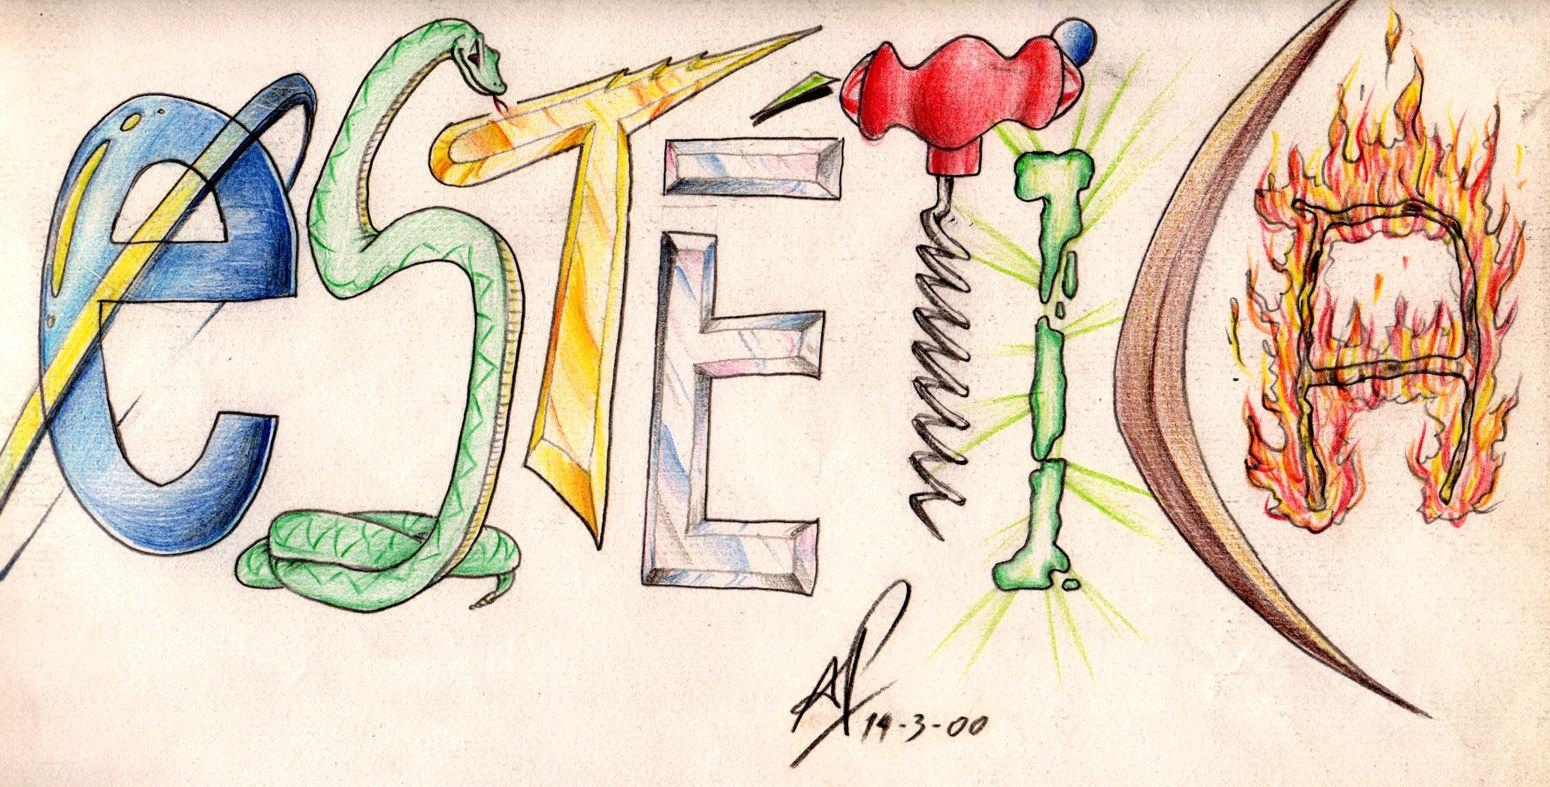 Diseno de letras estetica by andyprophet on deviantart for Disenos de literas